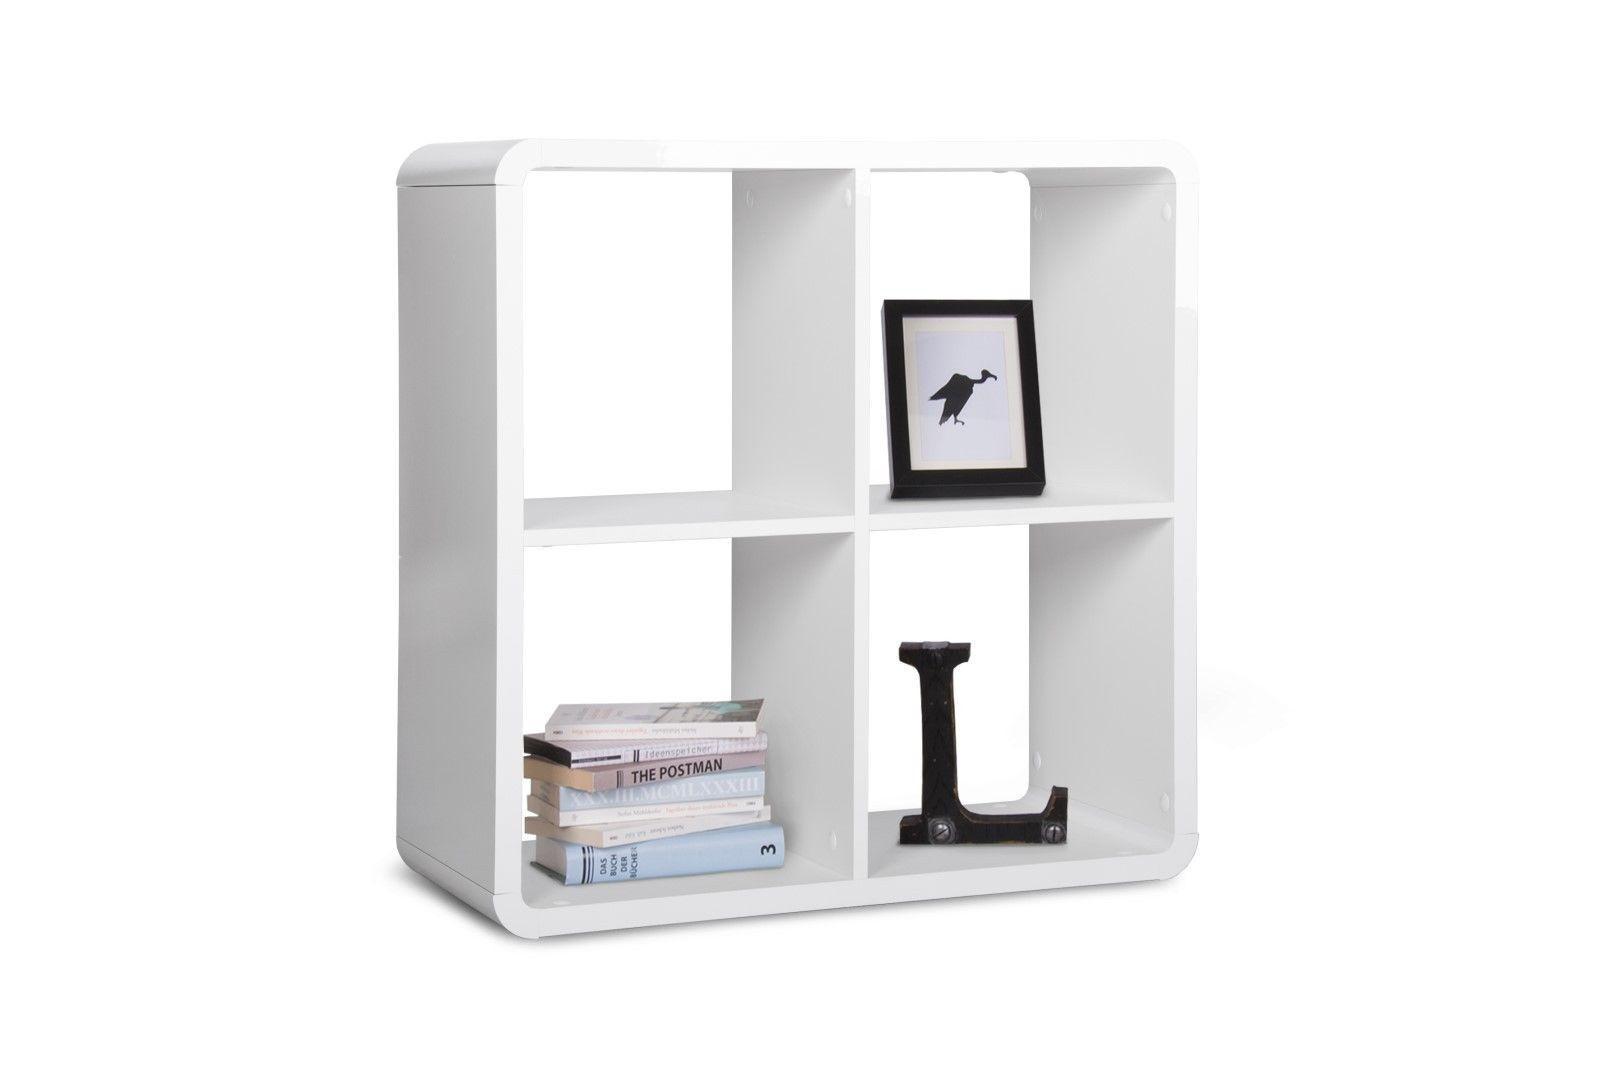 bcherregal weiss hochglanz komplett regal wei hochglanz regal wandregal bcherregal schmal. Black Bedroom Furniture Sets. Home Design Ideas